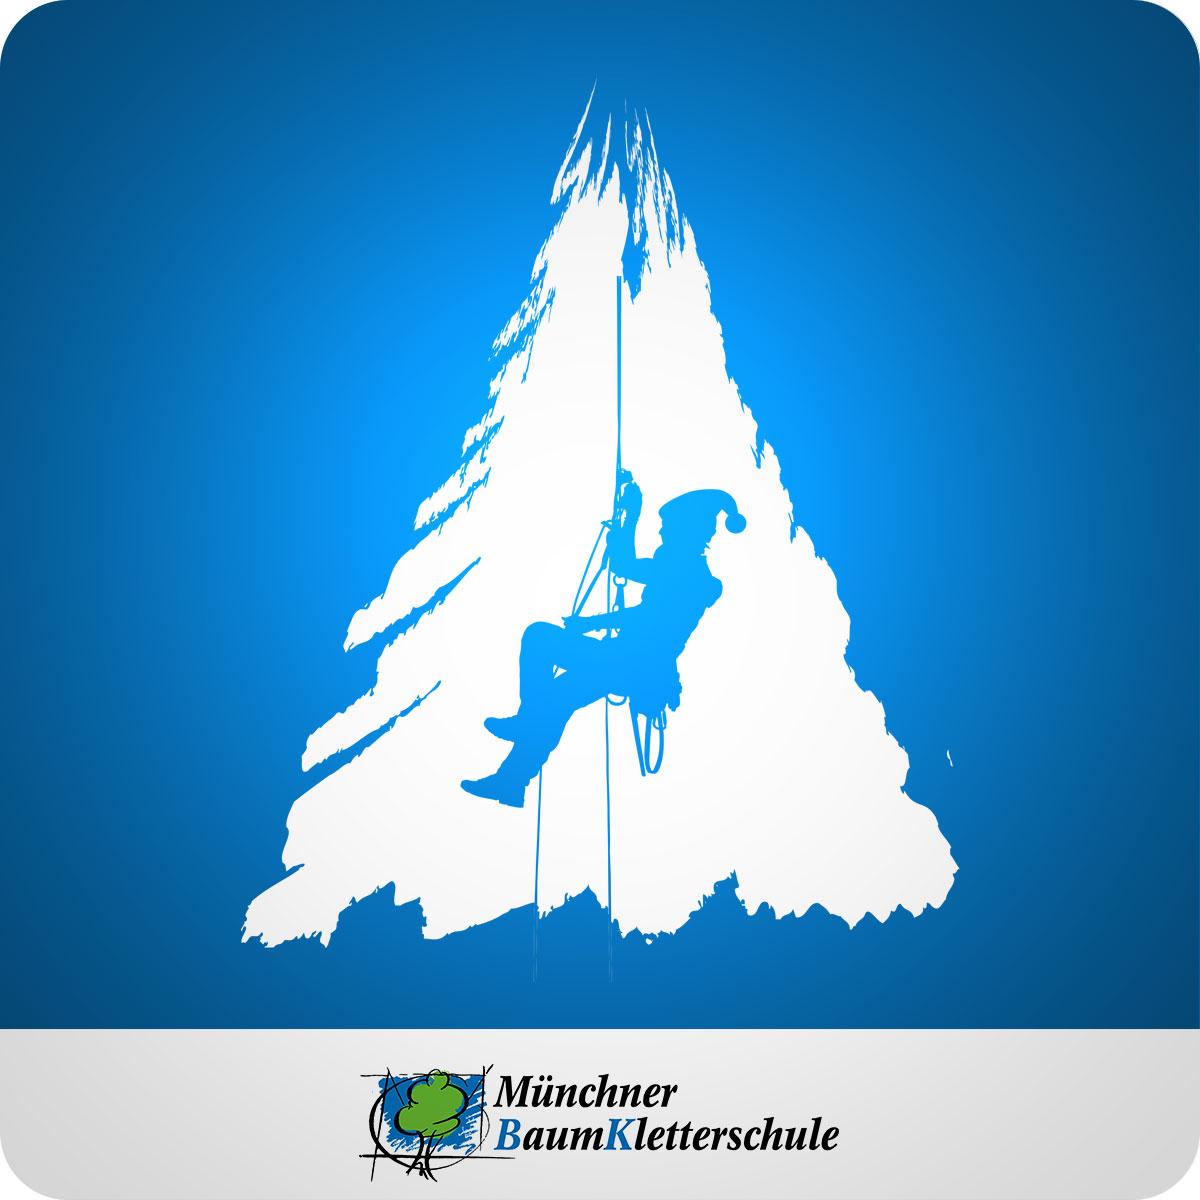 Frohe Weihnachten wünscht die Münchner Baumkletterschule